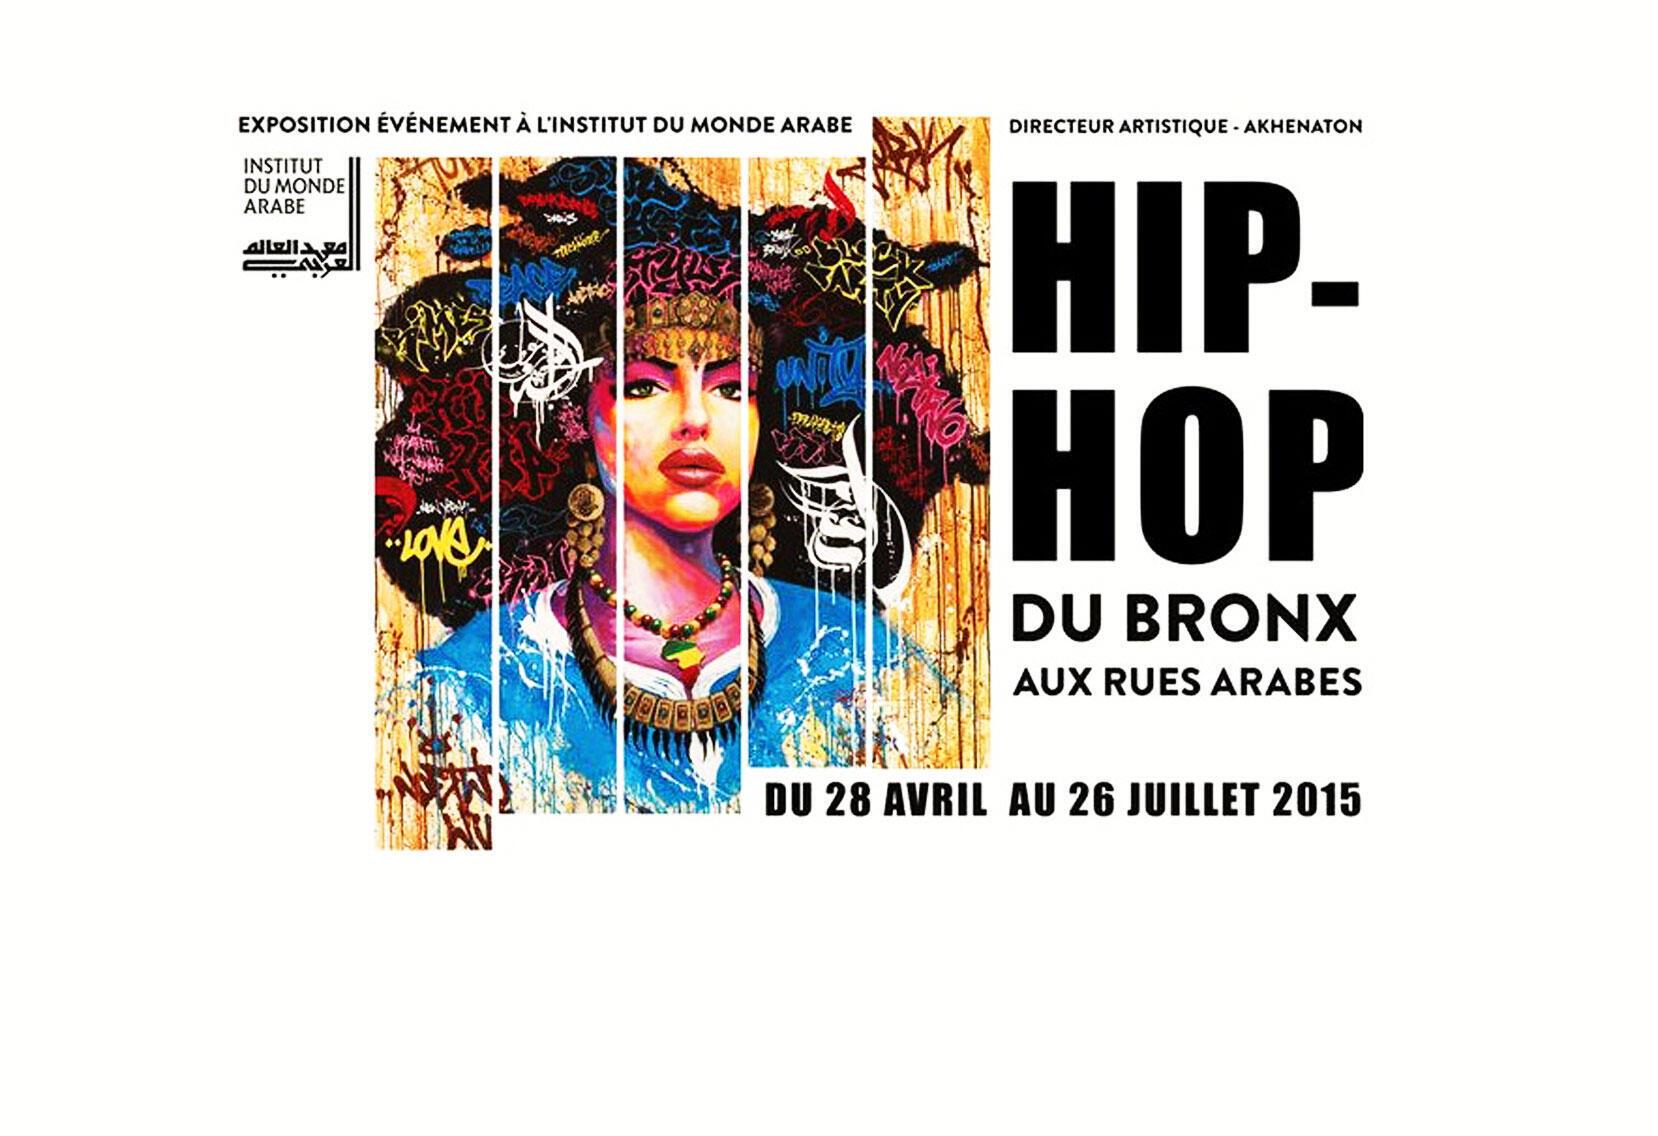 L'affiche de l'exposition « HIP-HOP, du Bronx aux rues arabes », à l'Institut du monde arabe (IMA), à Paris, (28 avril au 26 juillet 2015).